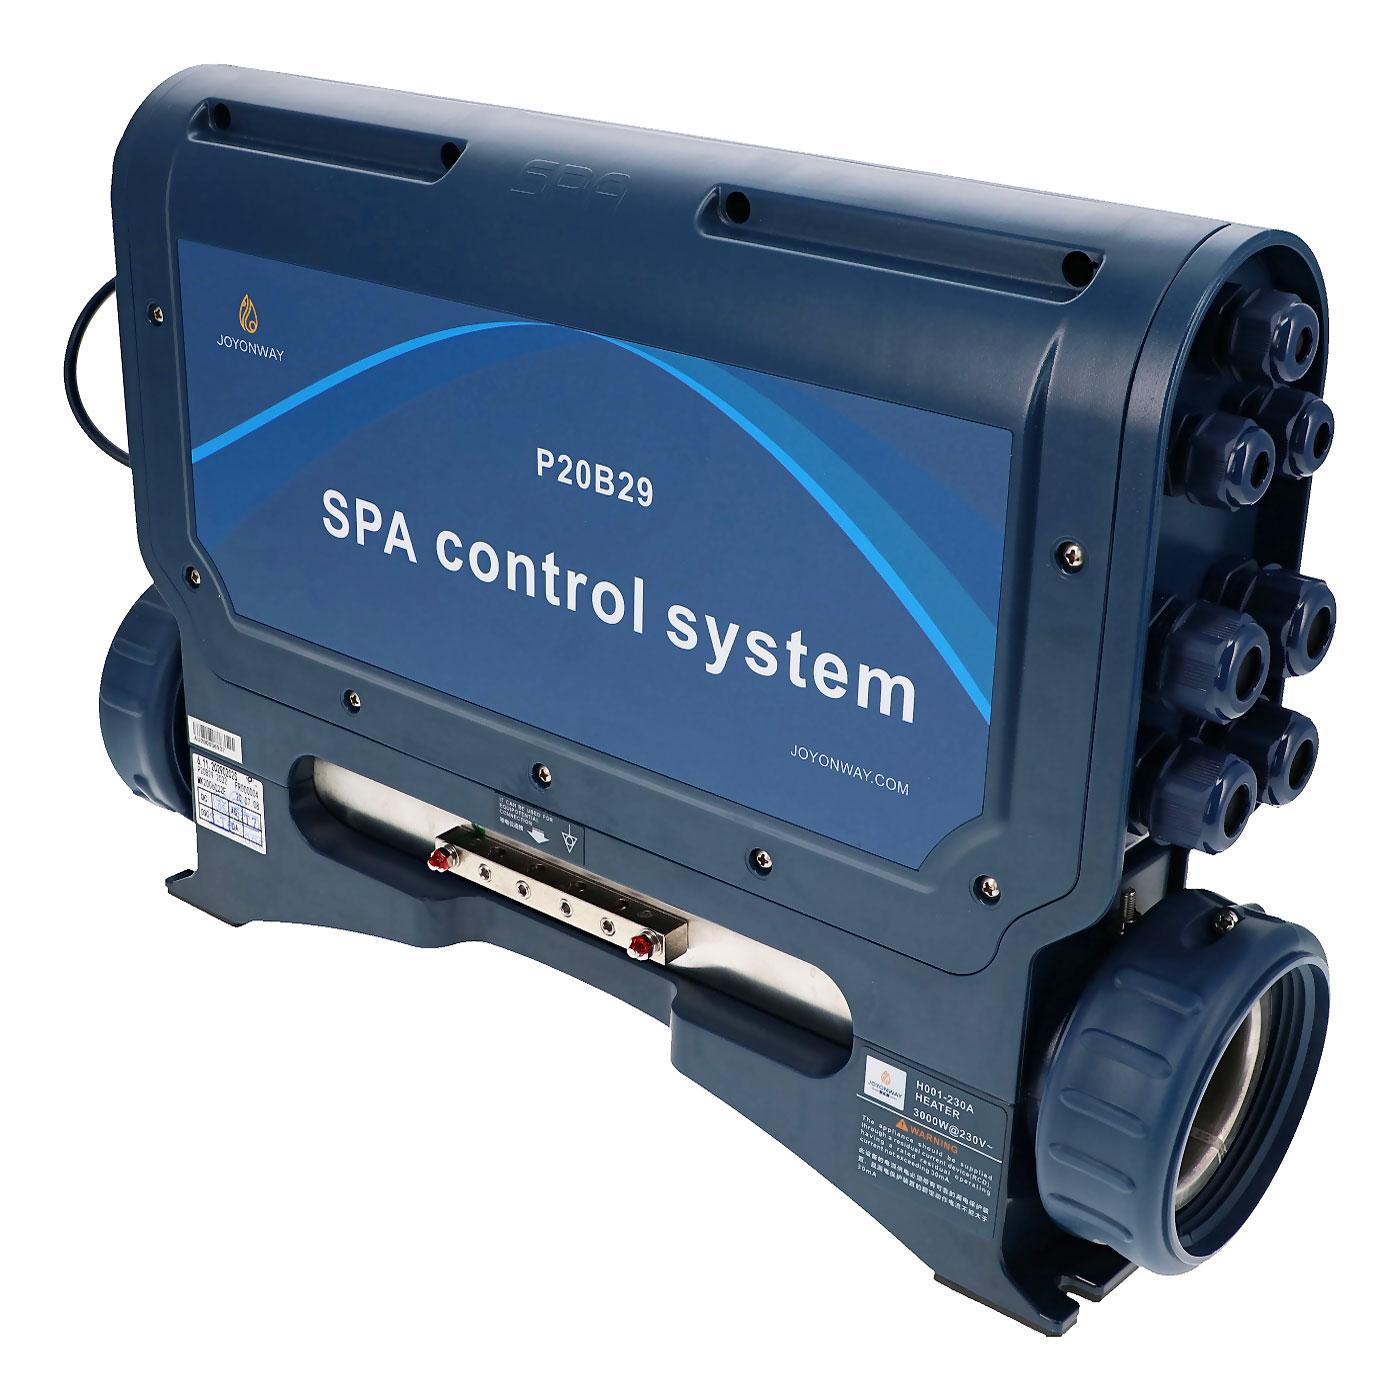 Boitier de contrôle P20B29 avec réchauffeur pour spa